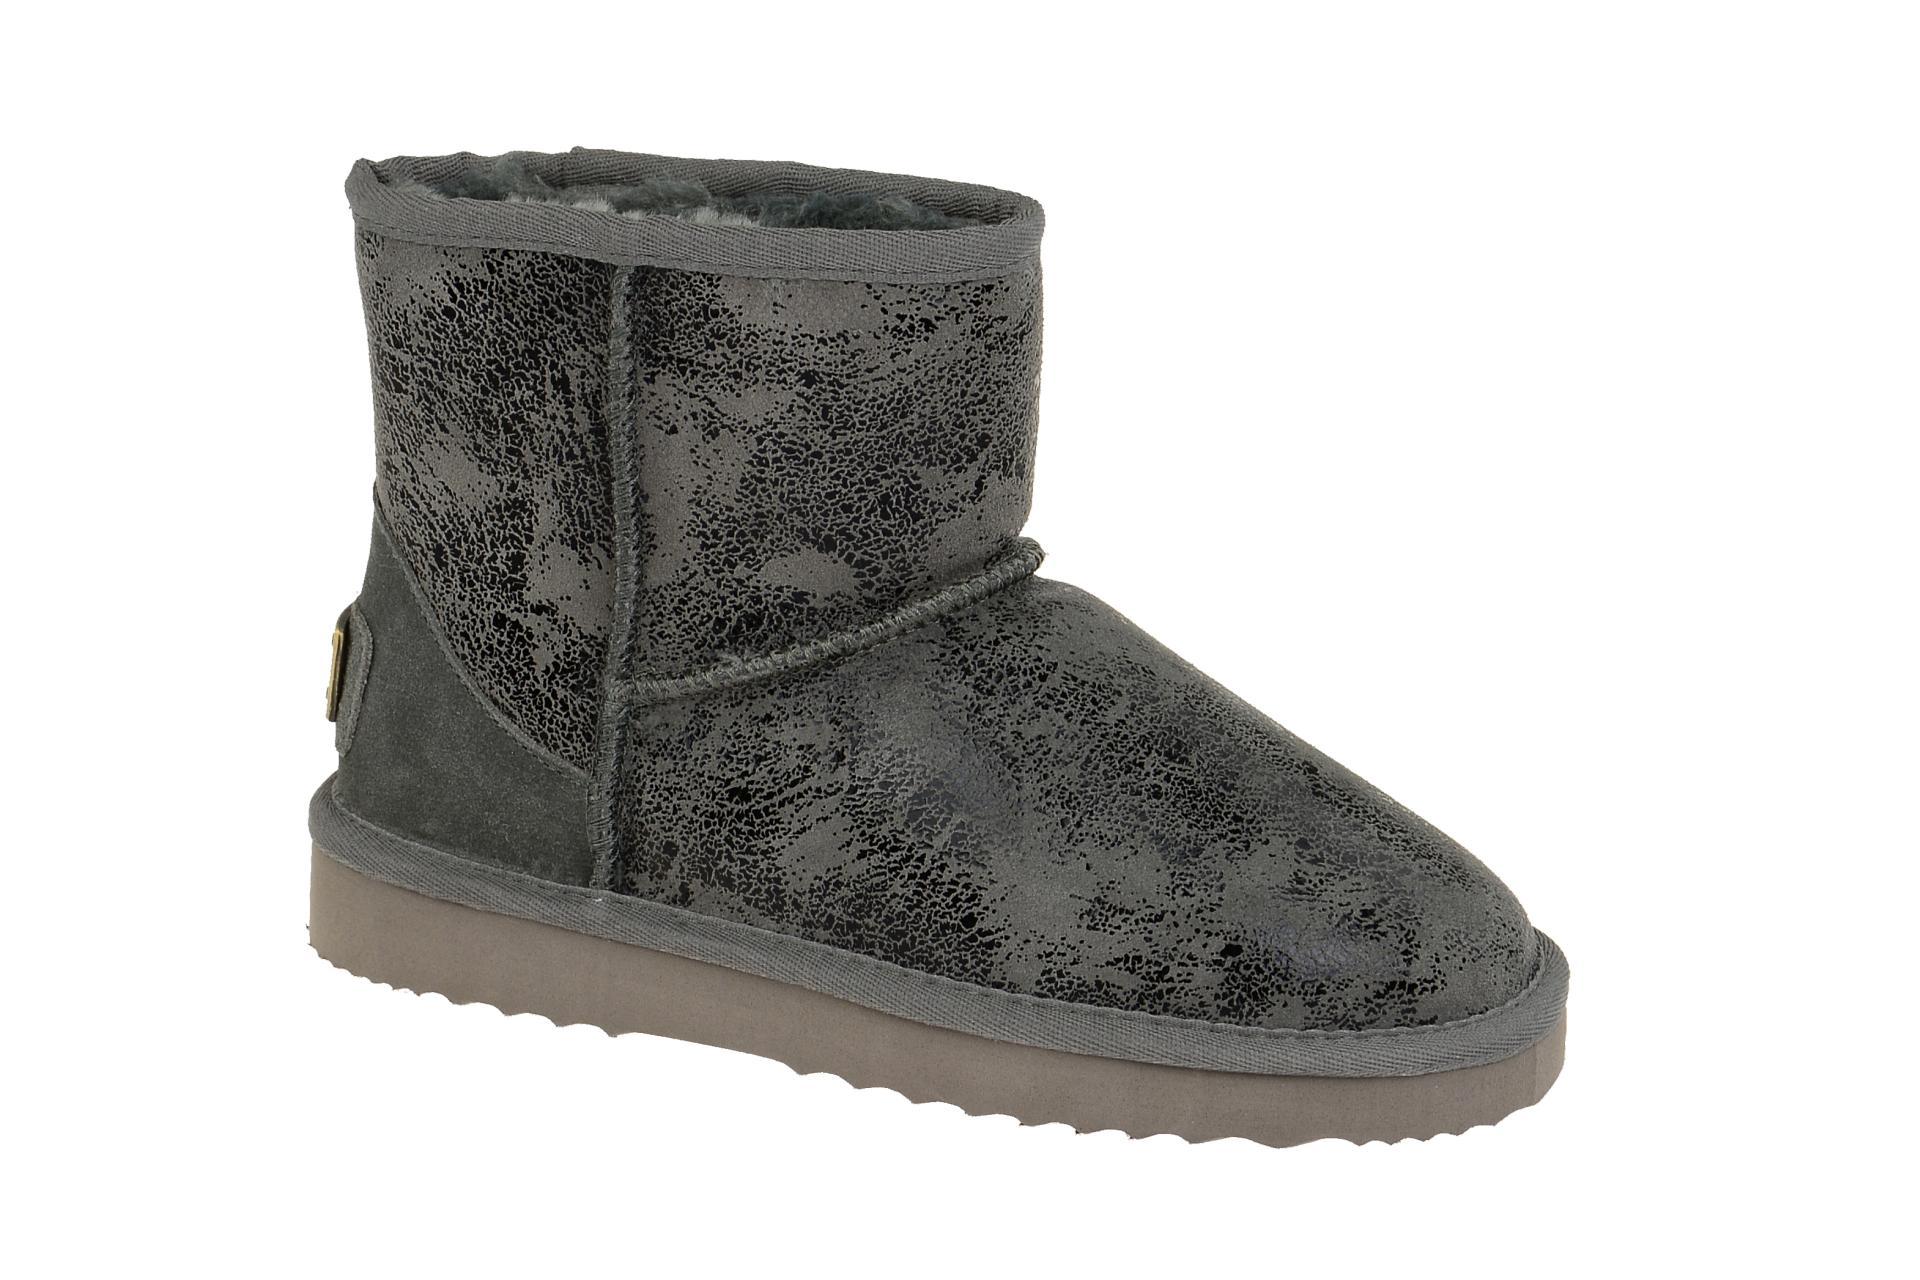 Oog Stiefel grau B5854 bao-grey - Schuhhaus Strauch Shop 6cd0326dbf